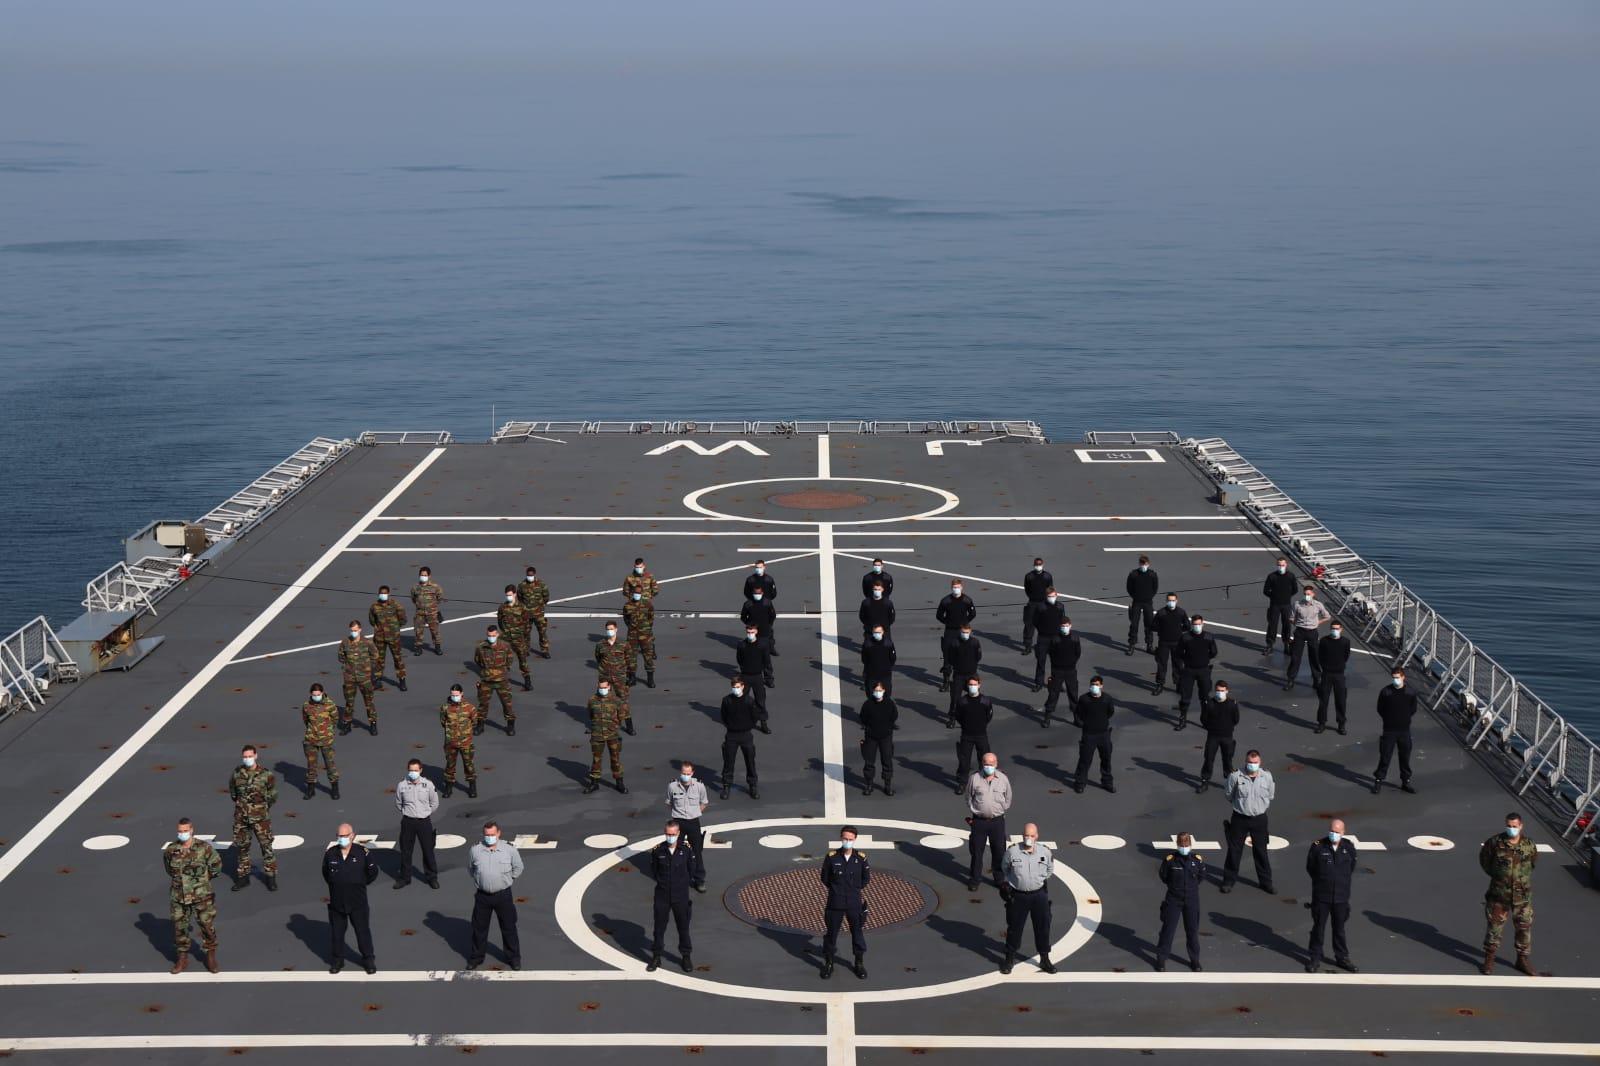 De Koninklijke Marine aan boord van de Zr.Ms. Johan de Witt (Foto Twitter / @kon_marine)